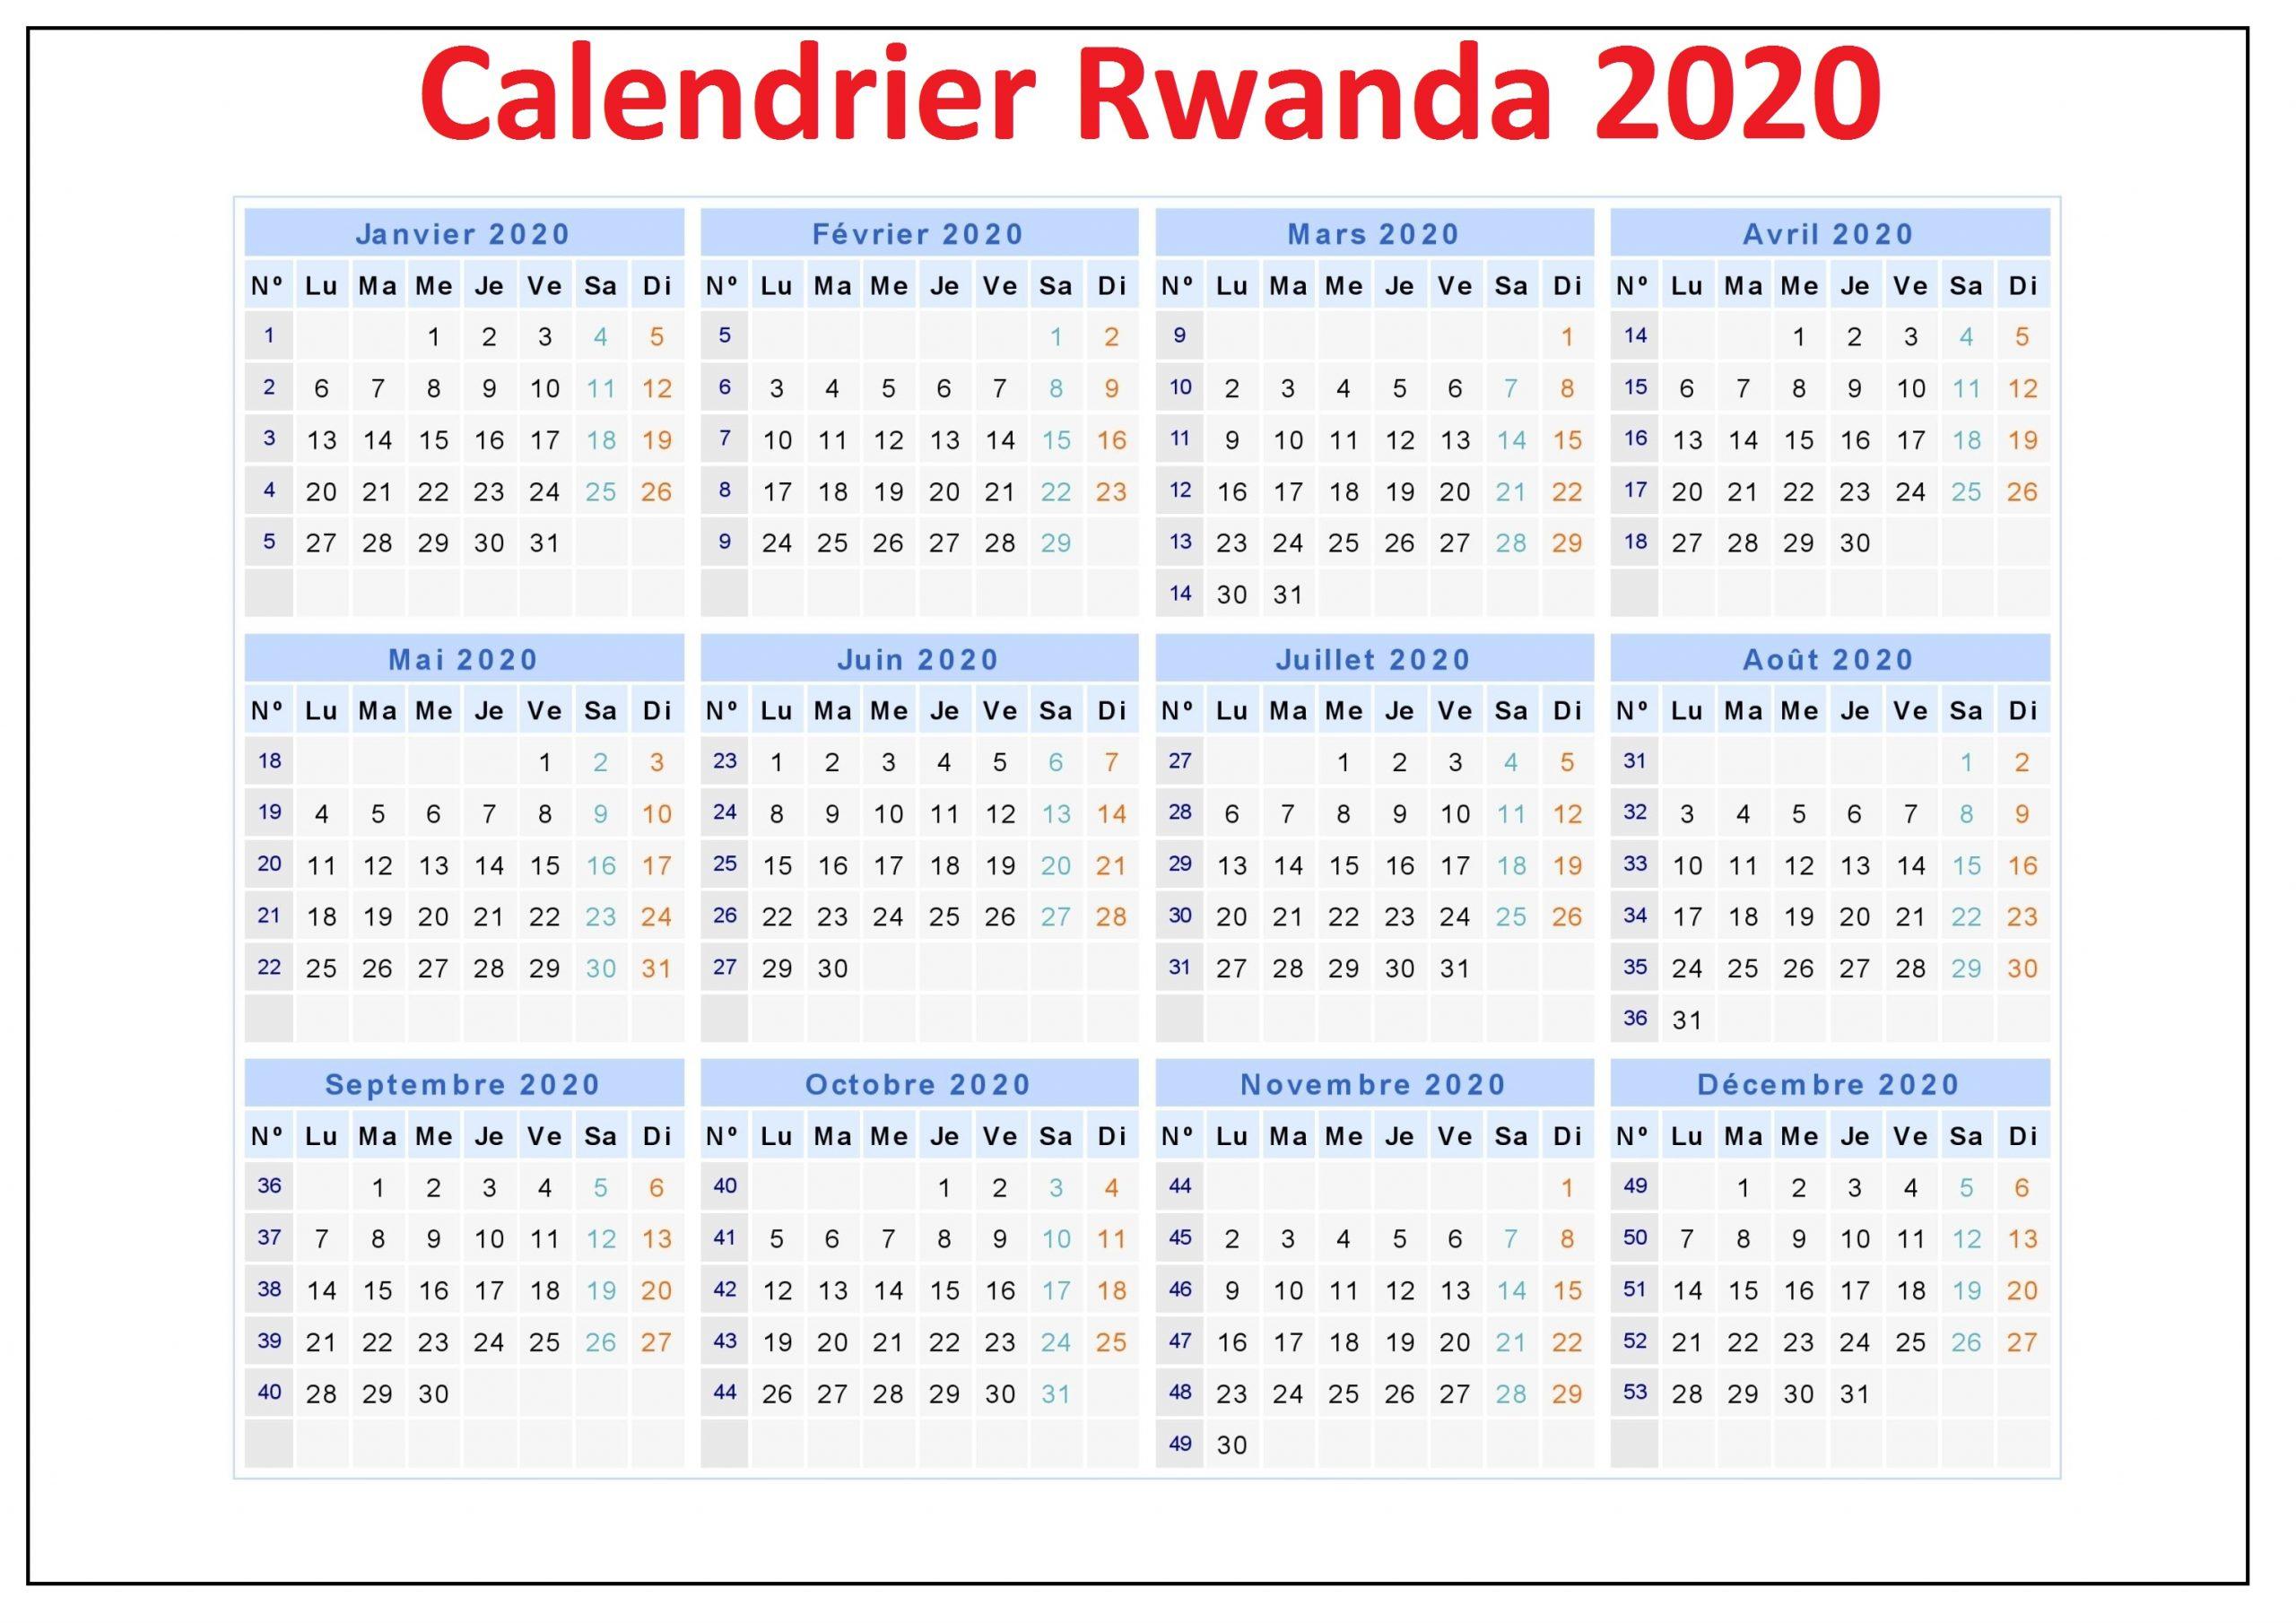 Calendrier Des Vacances Rwanda 2020